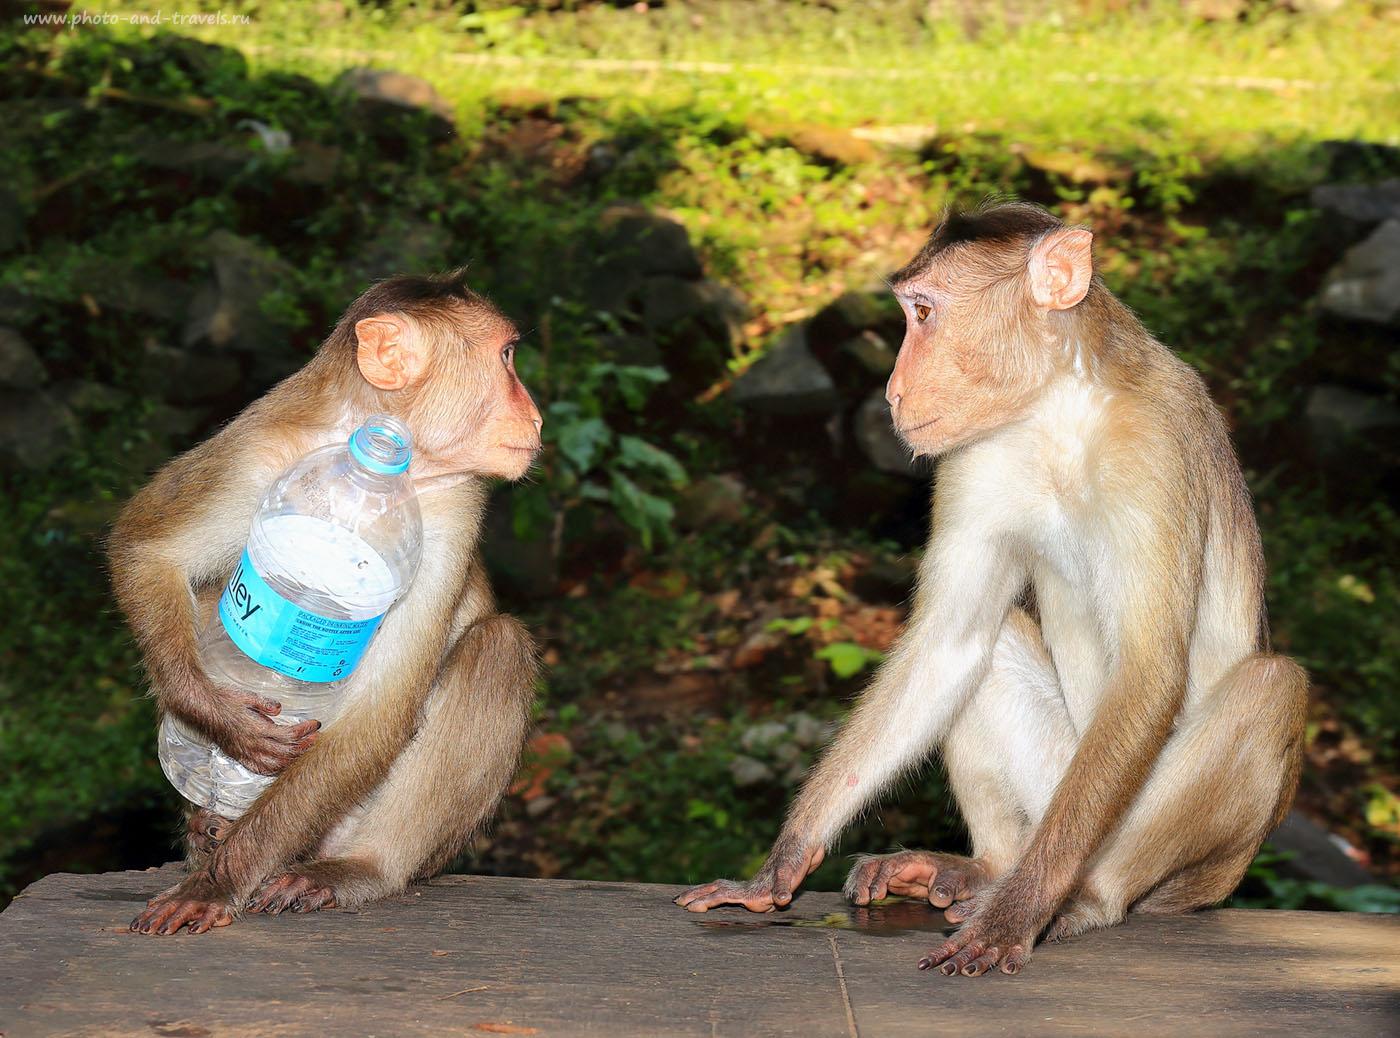 6. Обезьяны на острове Элефанта. Отчет об экскурсиях в Мумбаи. Отзывы туристов о самостоятельной поездке в Индию (24-70, 1/60, 0eV, f9, 61 mm, ISO 100. Вспышка)